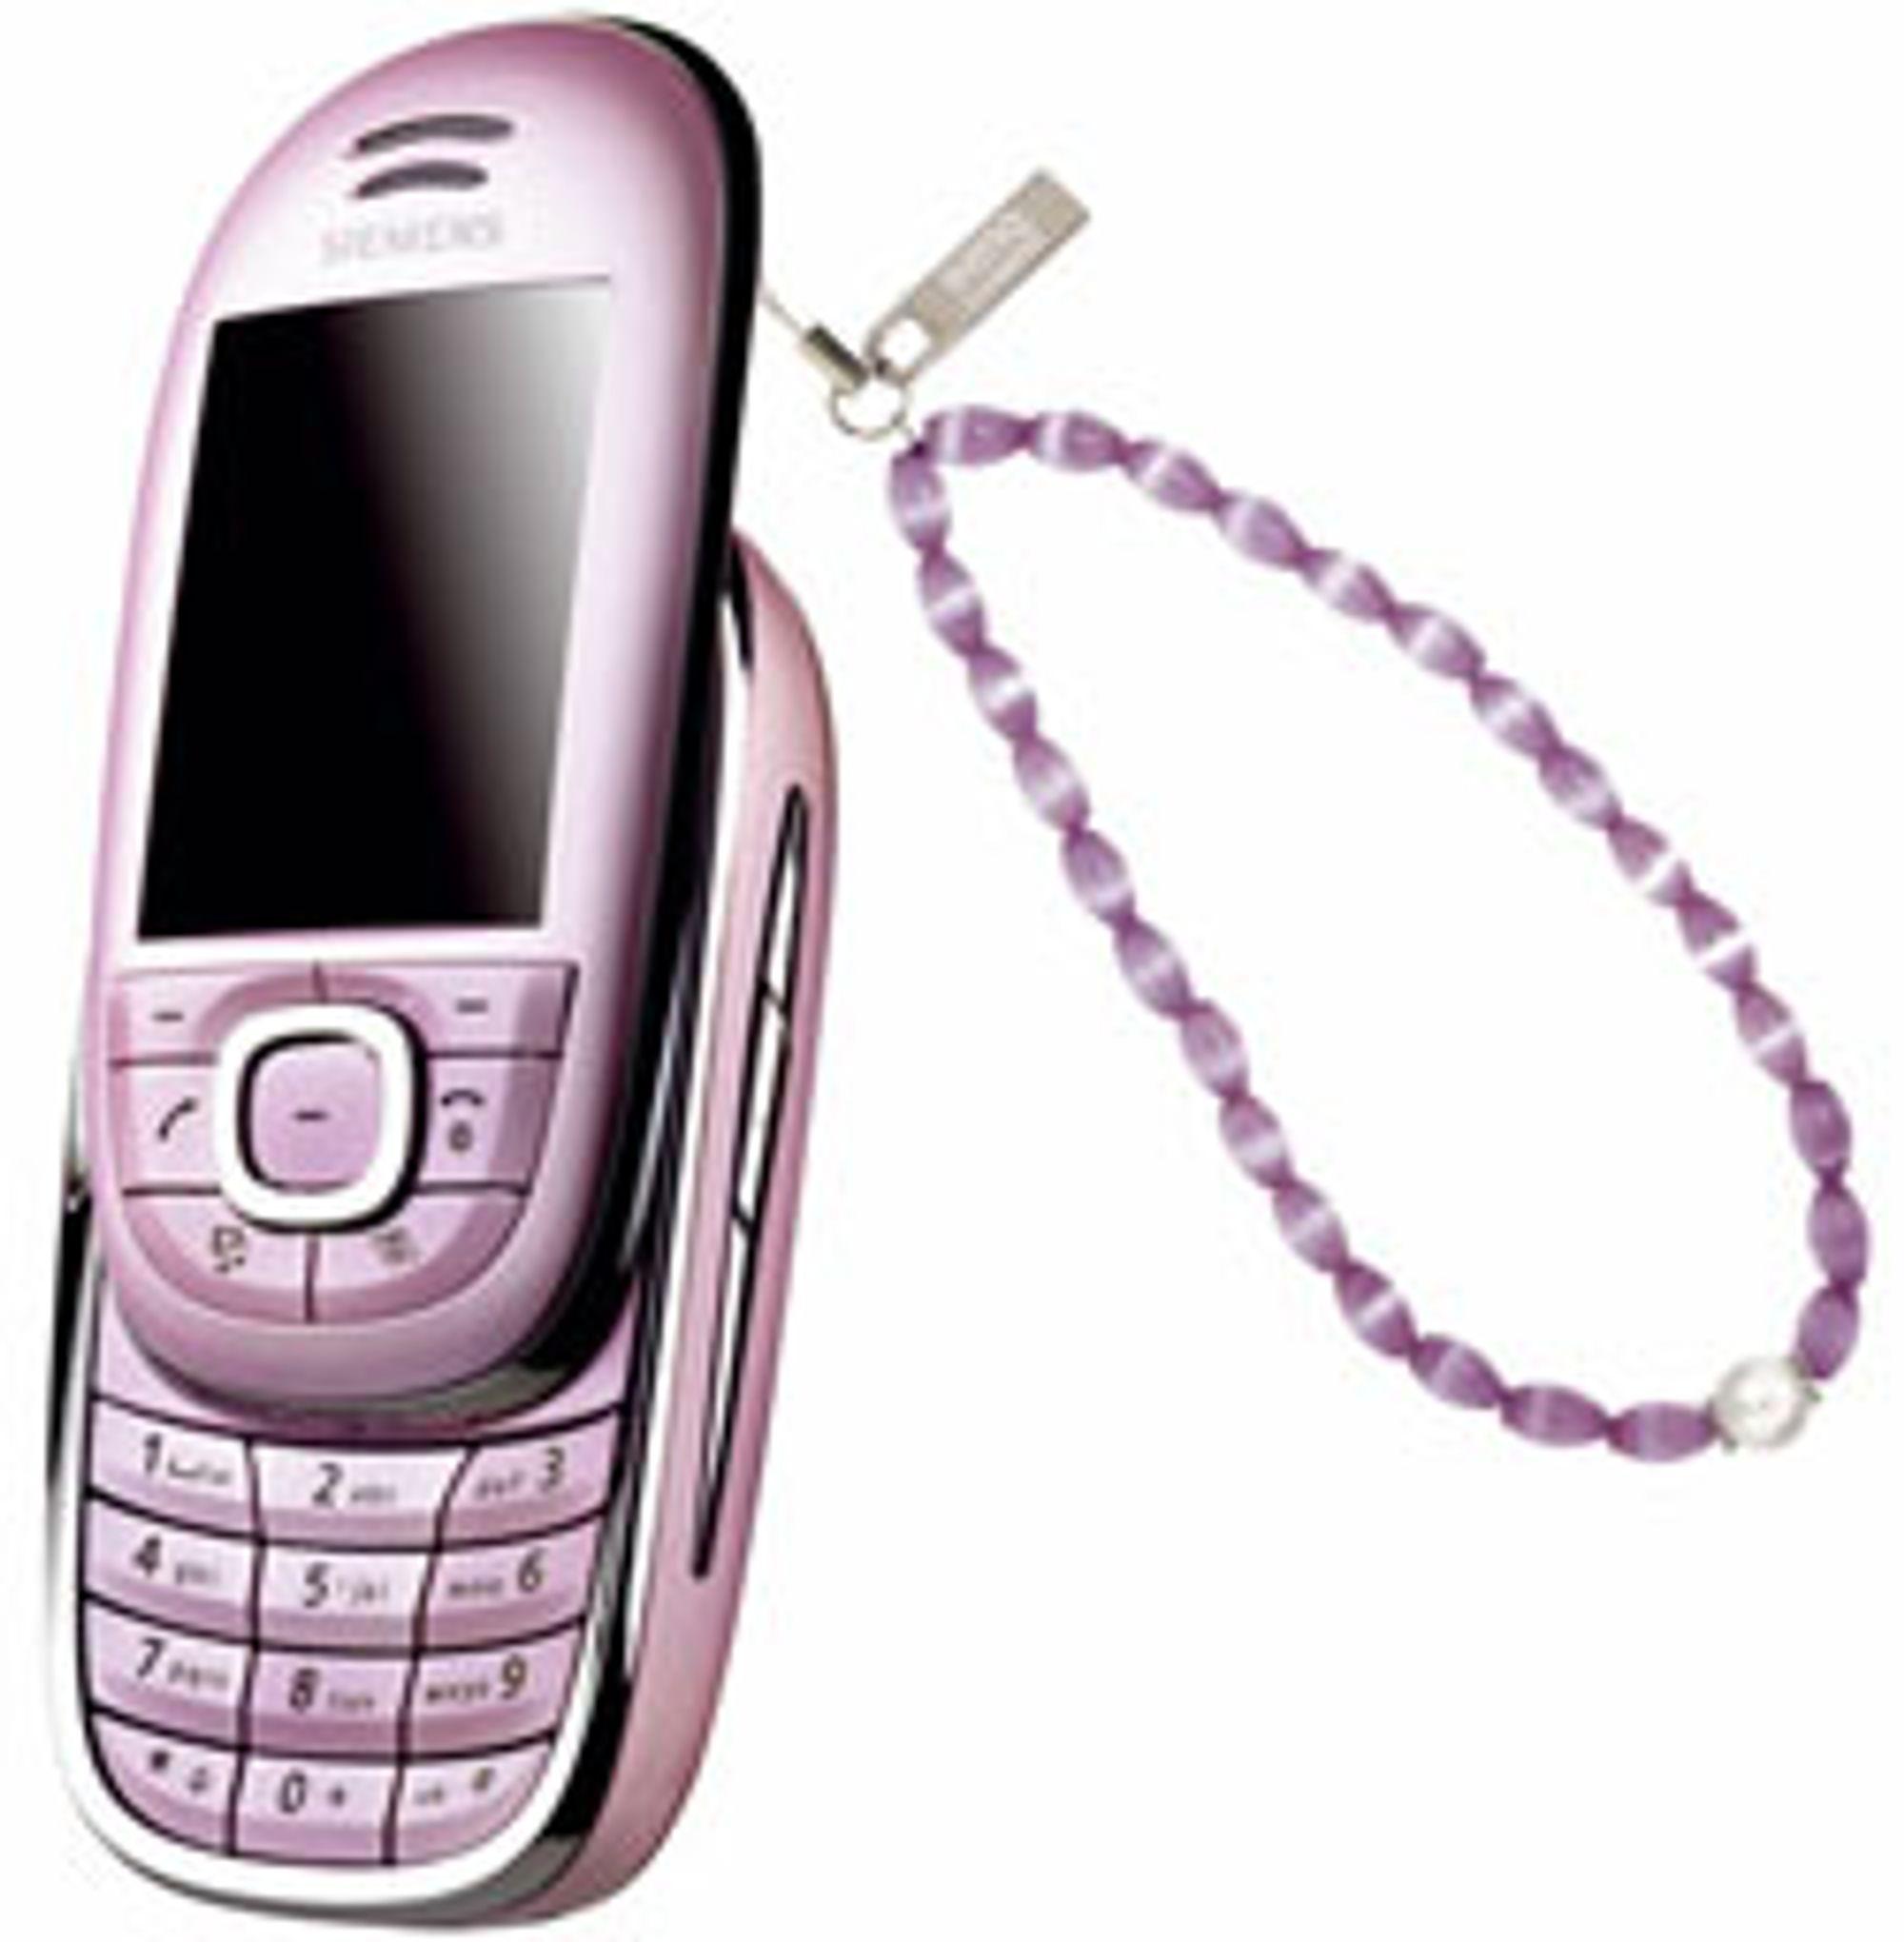 Fremtiden til BenQ Mobile ser<br>ikke lenger rosenrød ut.